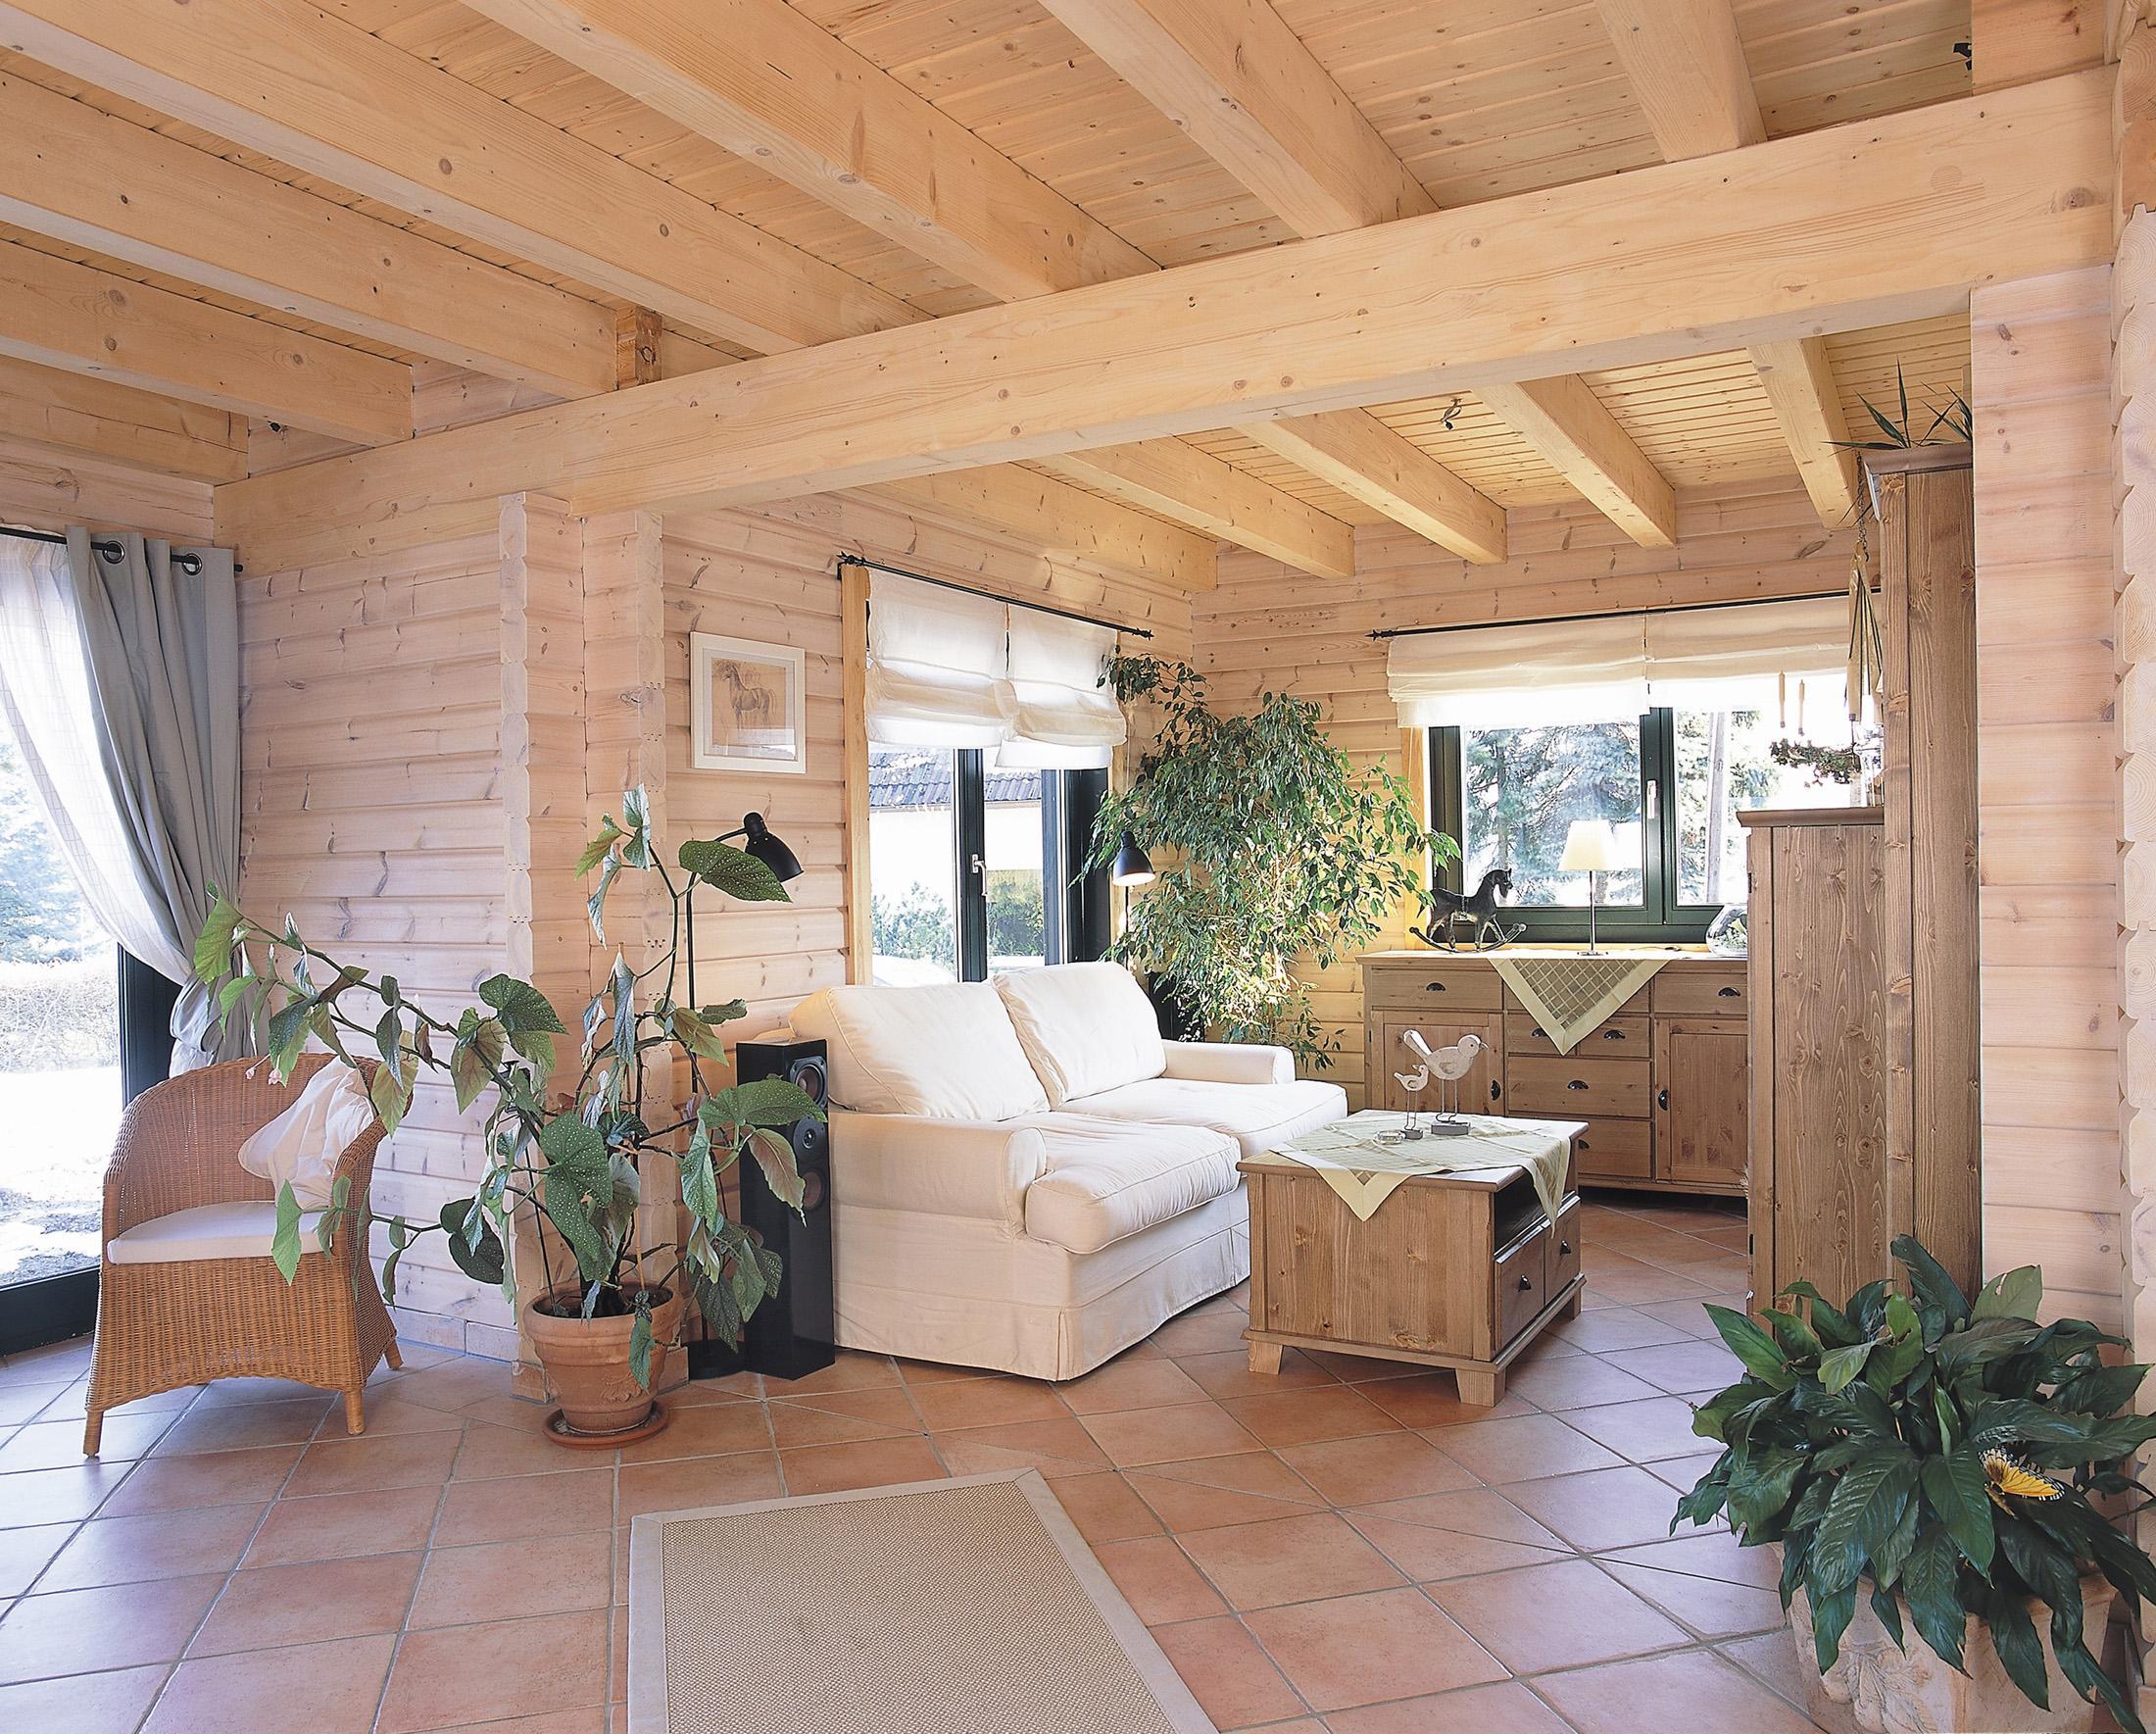 raffrollo • bilder & ideen • couchstyle, Wohnzimmer